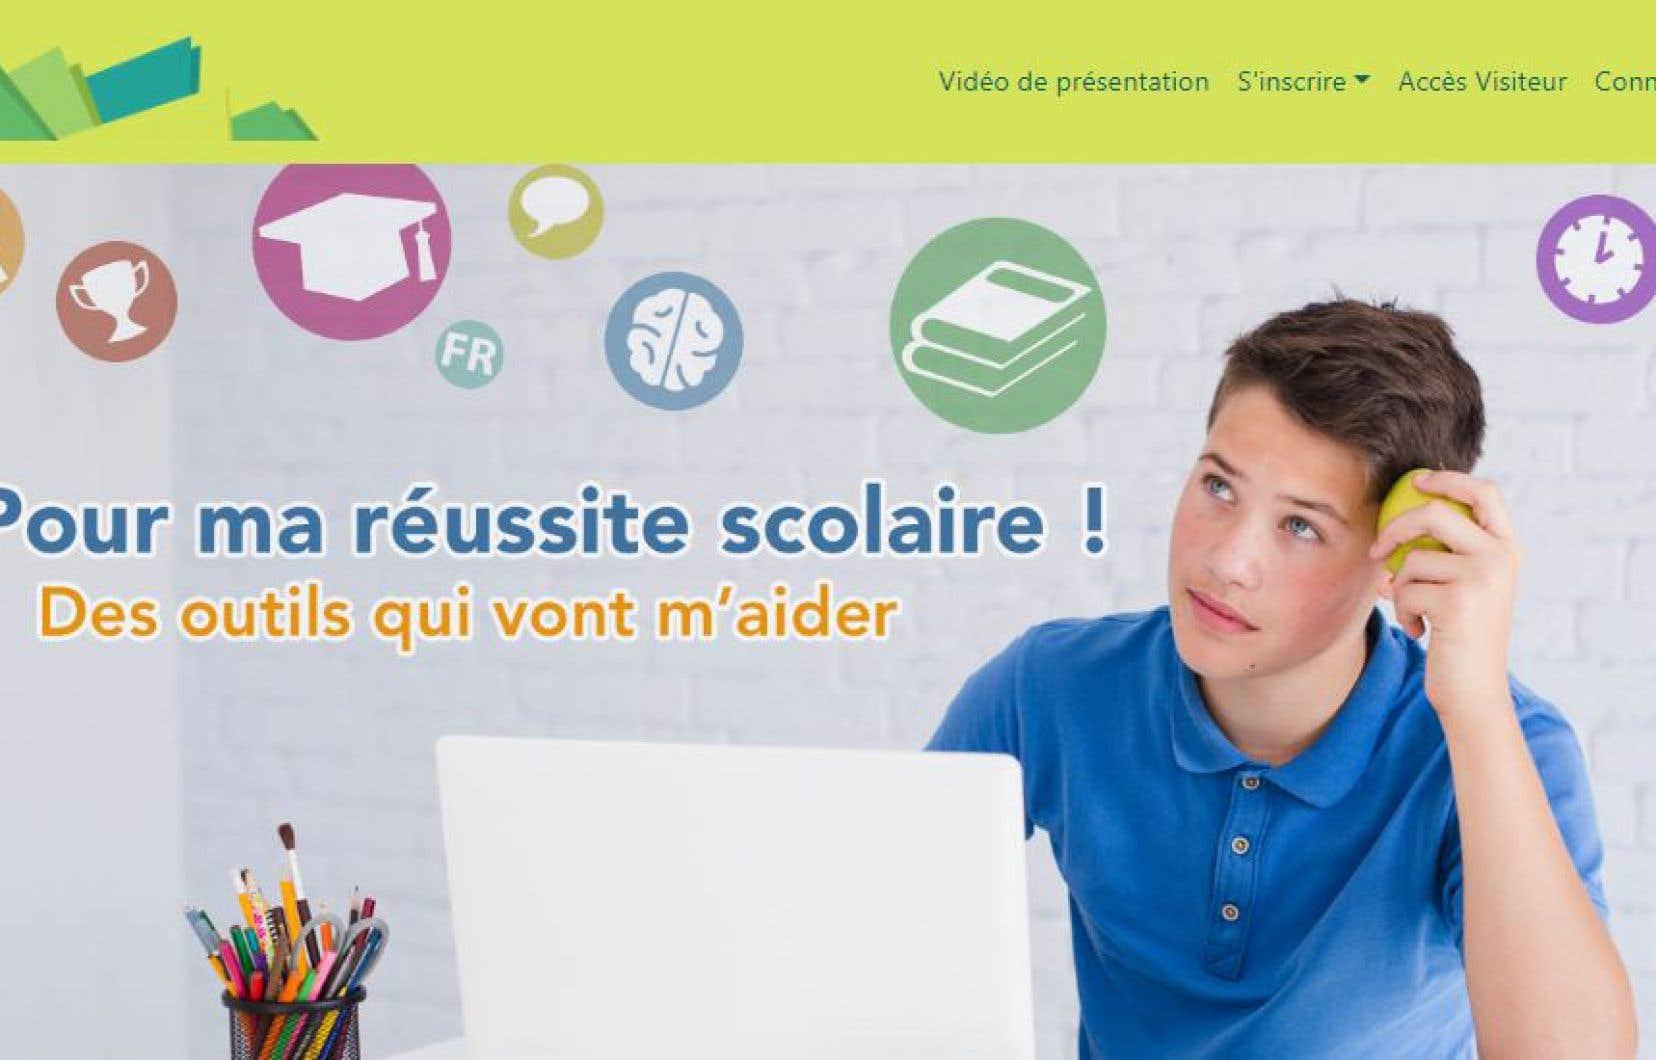 La plateforme en ligne a été lancée officiellement en mars dernier, dans un contexte où bon nombre d'élèves poursuivent leur scolarisation à la maison.